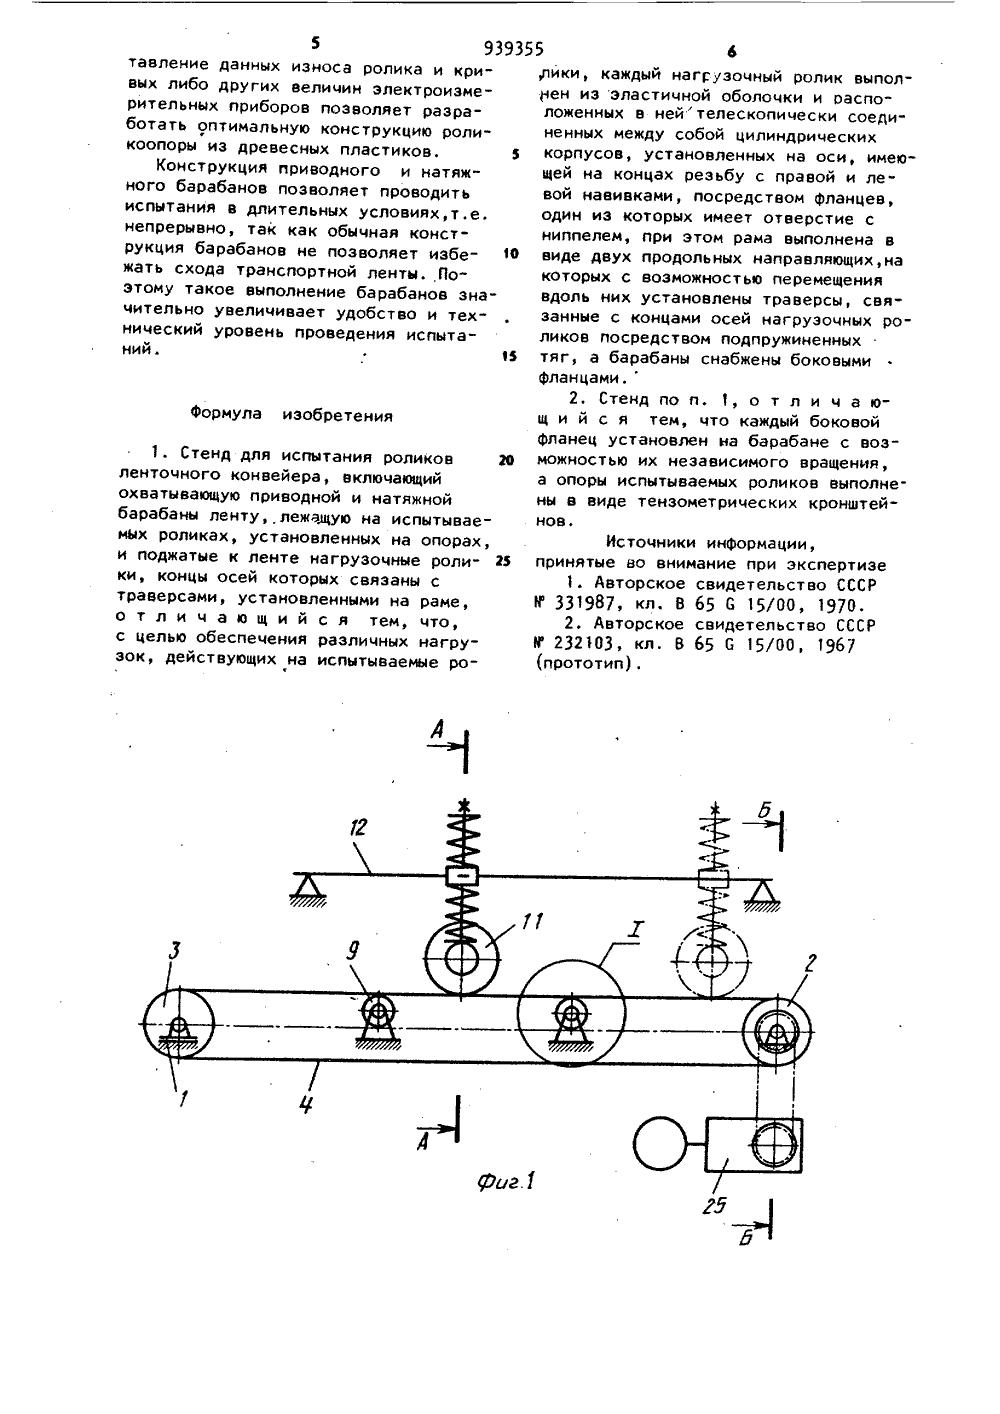 Испытания ленточных конвейеров схема навозоуборочного транспортера